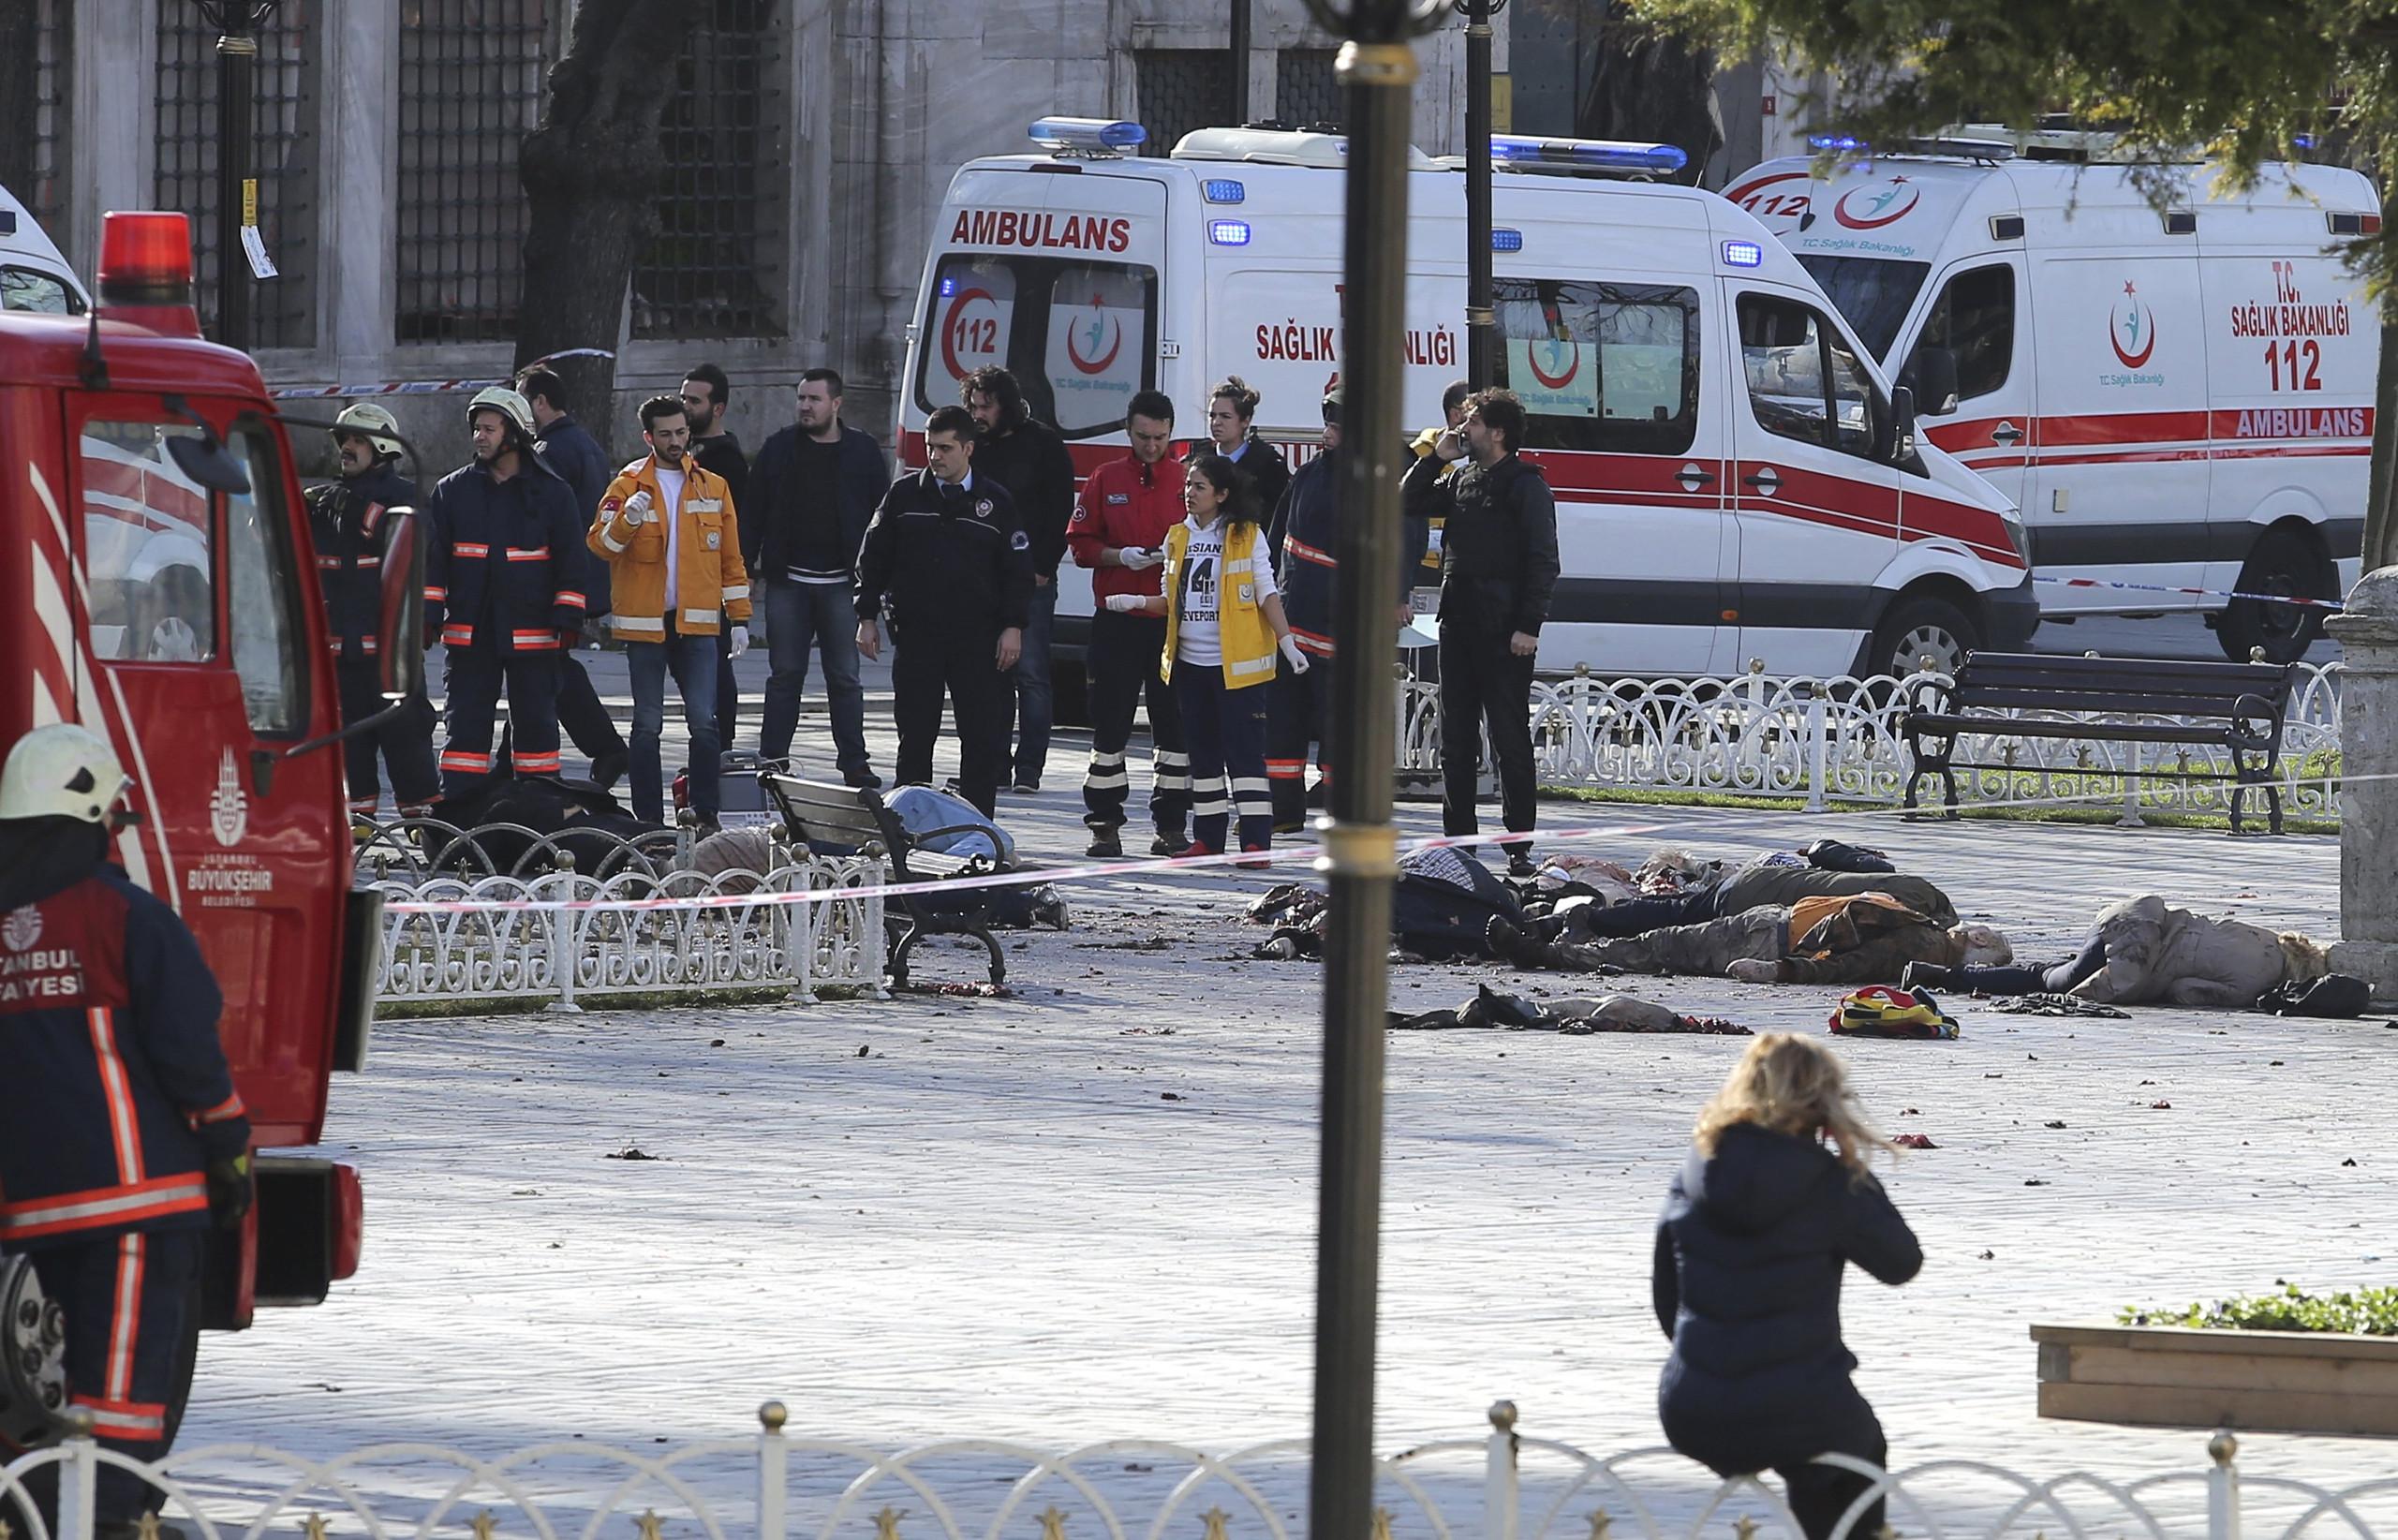 المغرب يدين الاعتداء الإرهابي الذي استهدف حافلة للأمن وسط إسطنبول